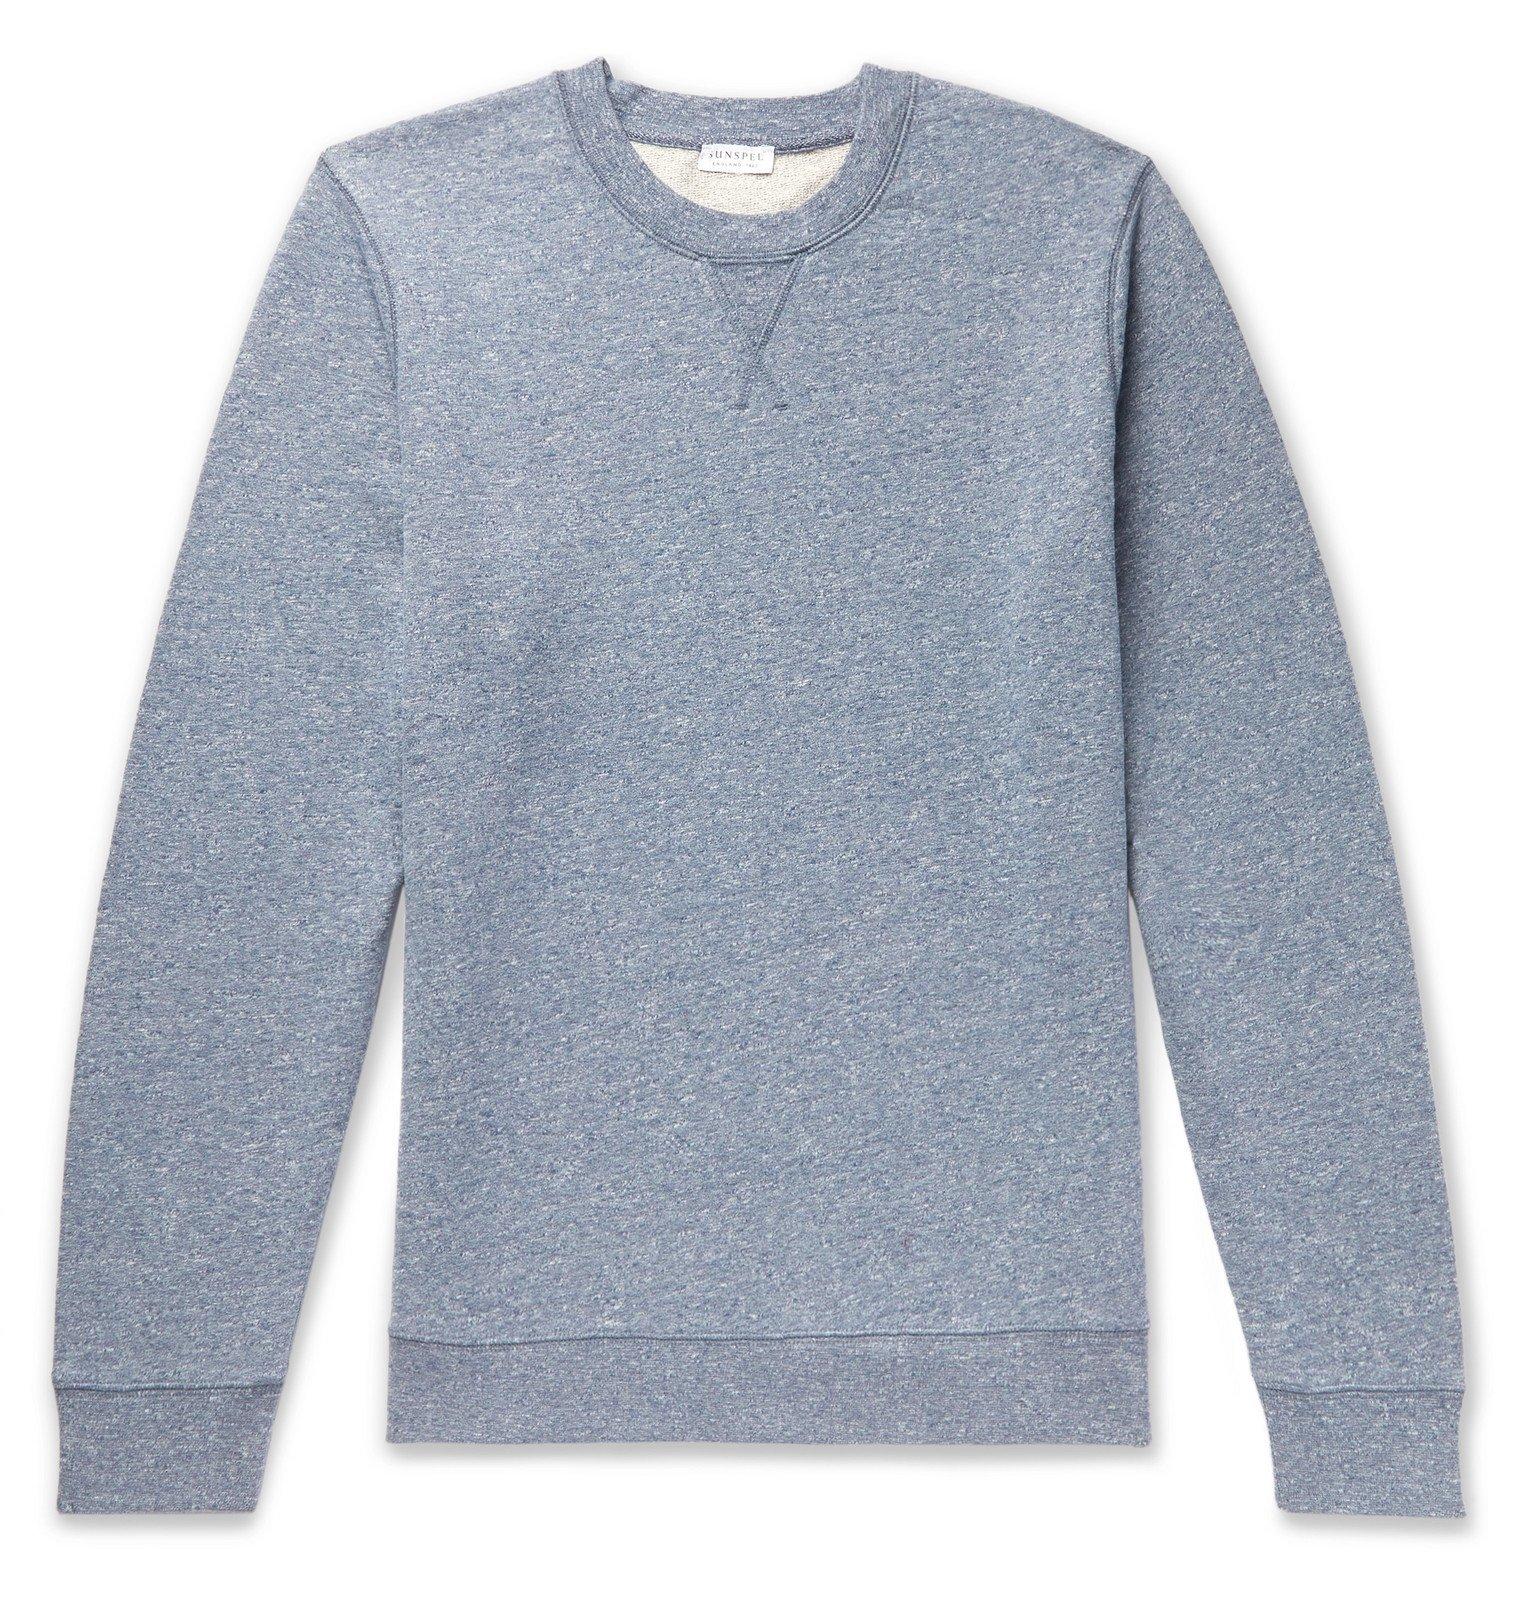 Sunspel - Mélange Loopback Cotton-Jersey Sweatshirt - Blue